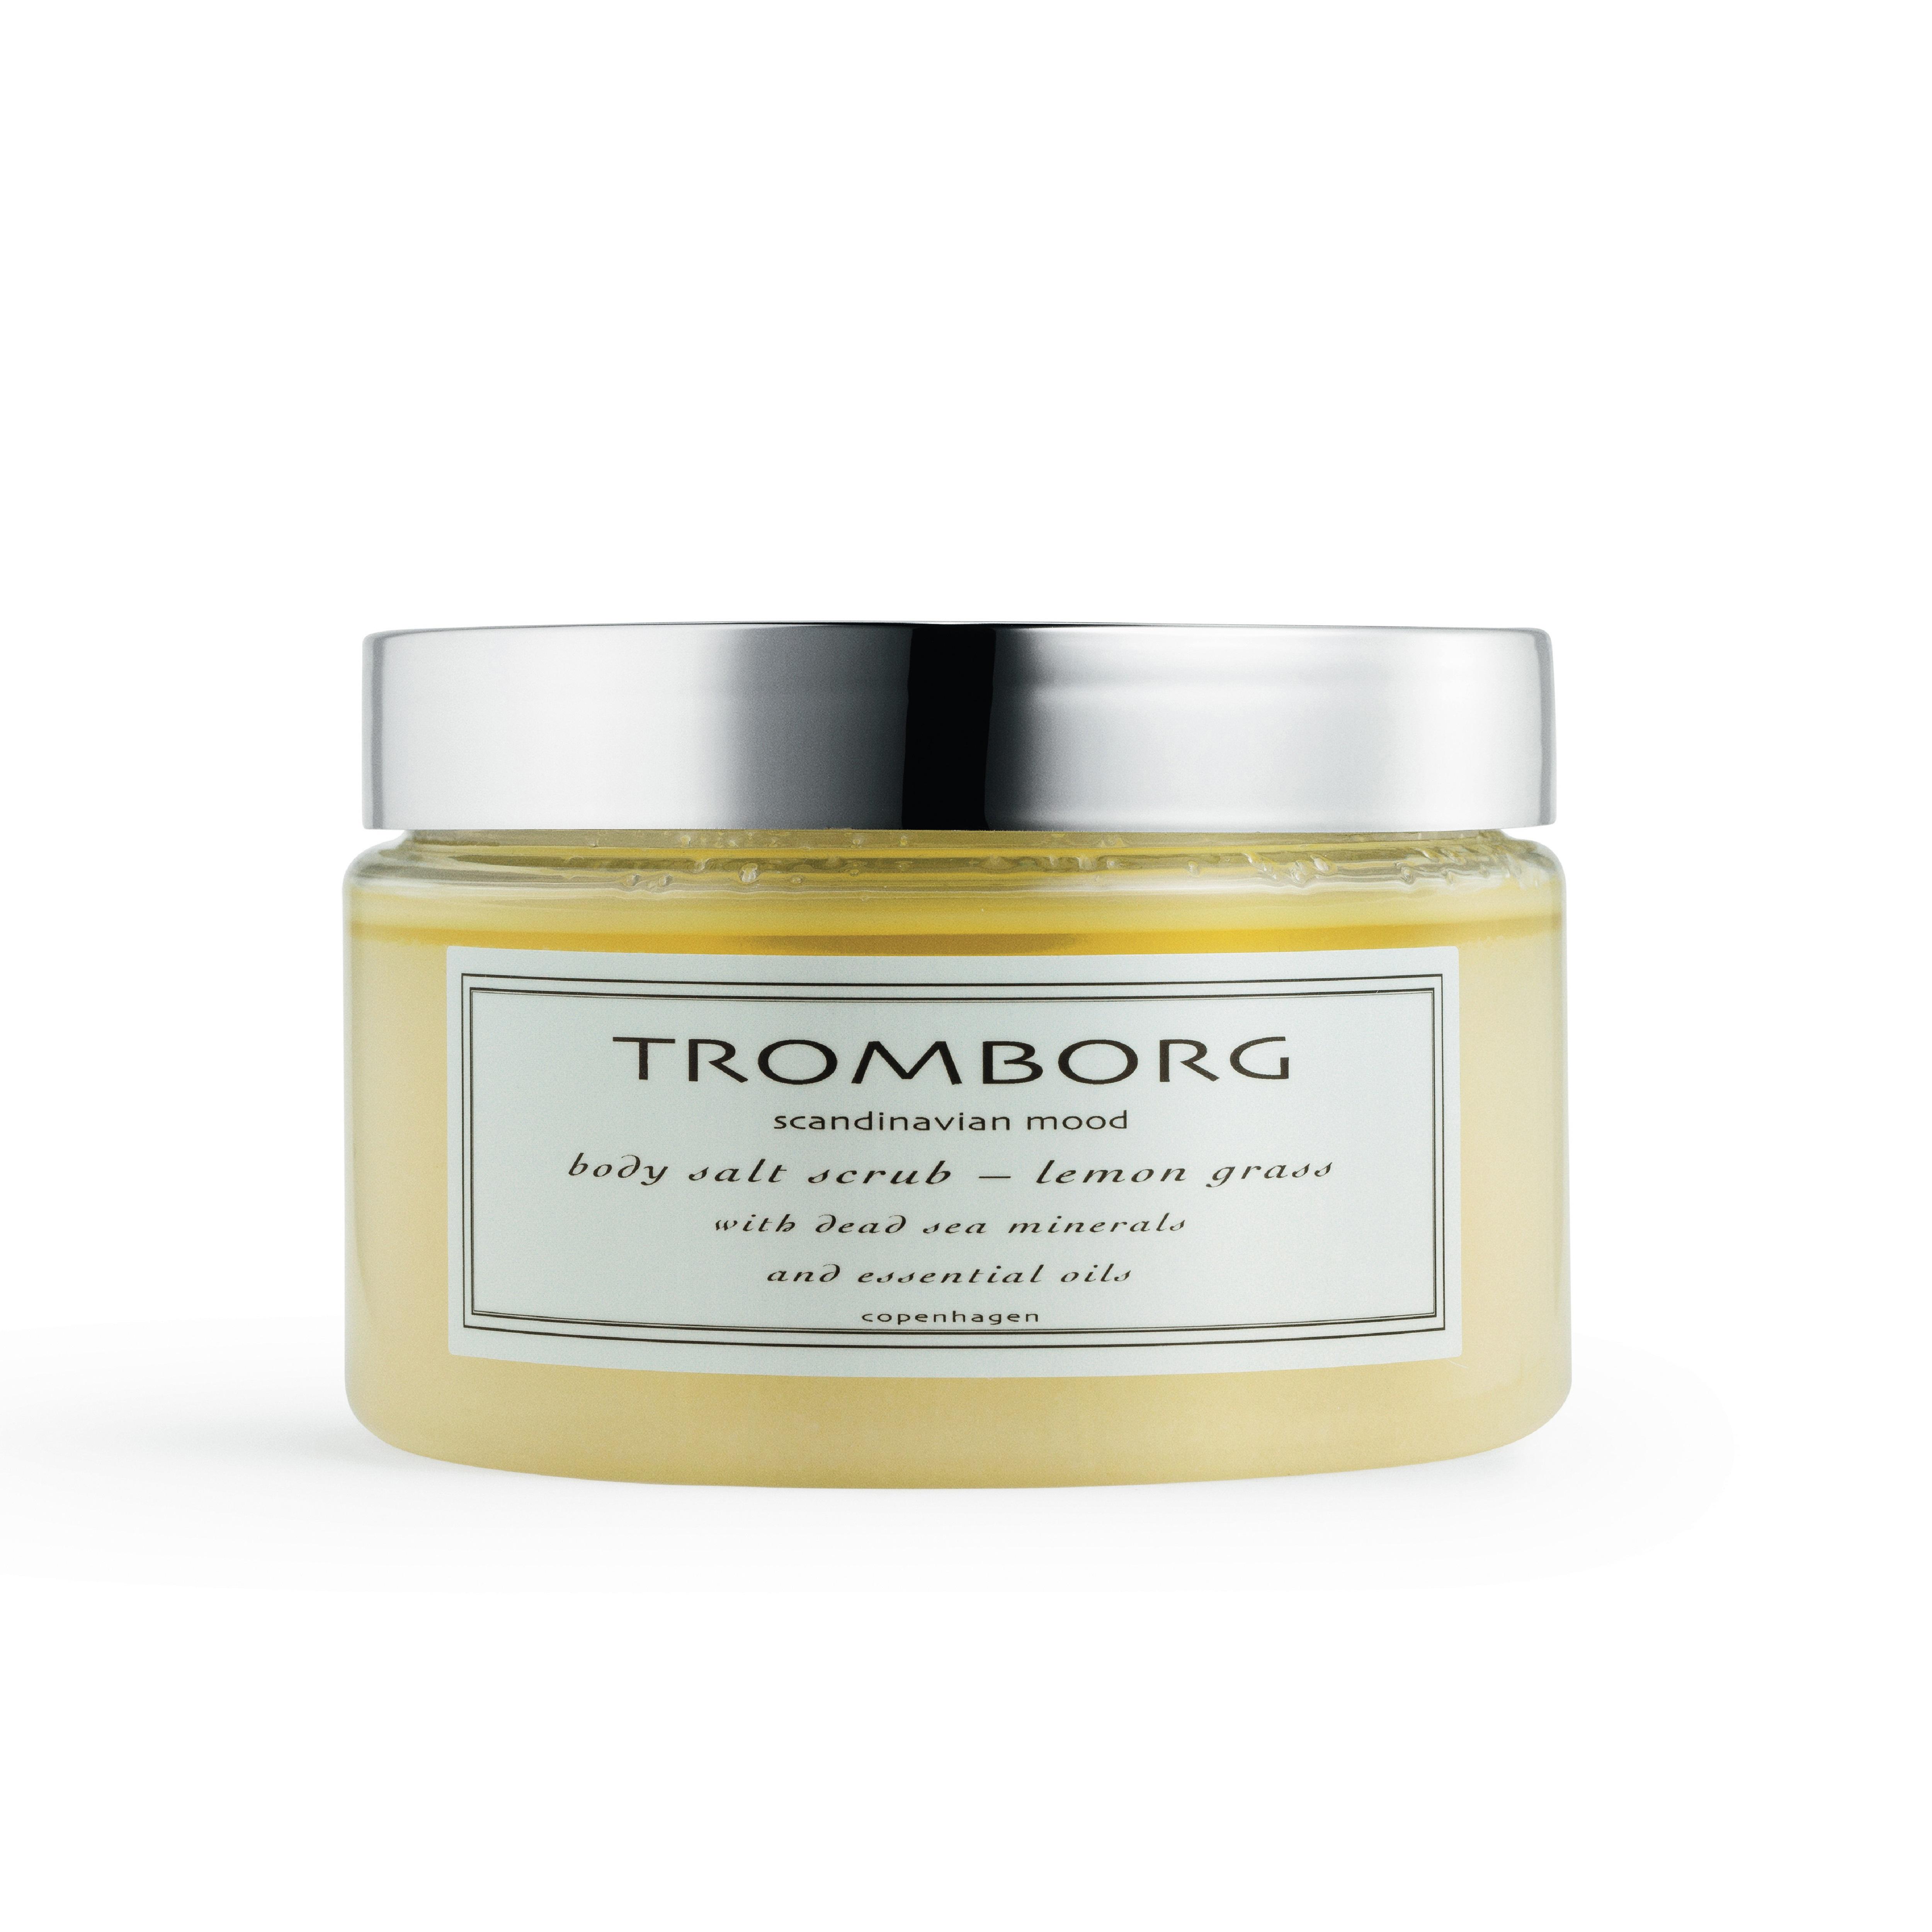 Tromborg Body Salt Scrub, lemon grass, 350 ml